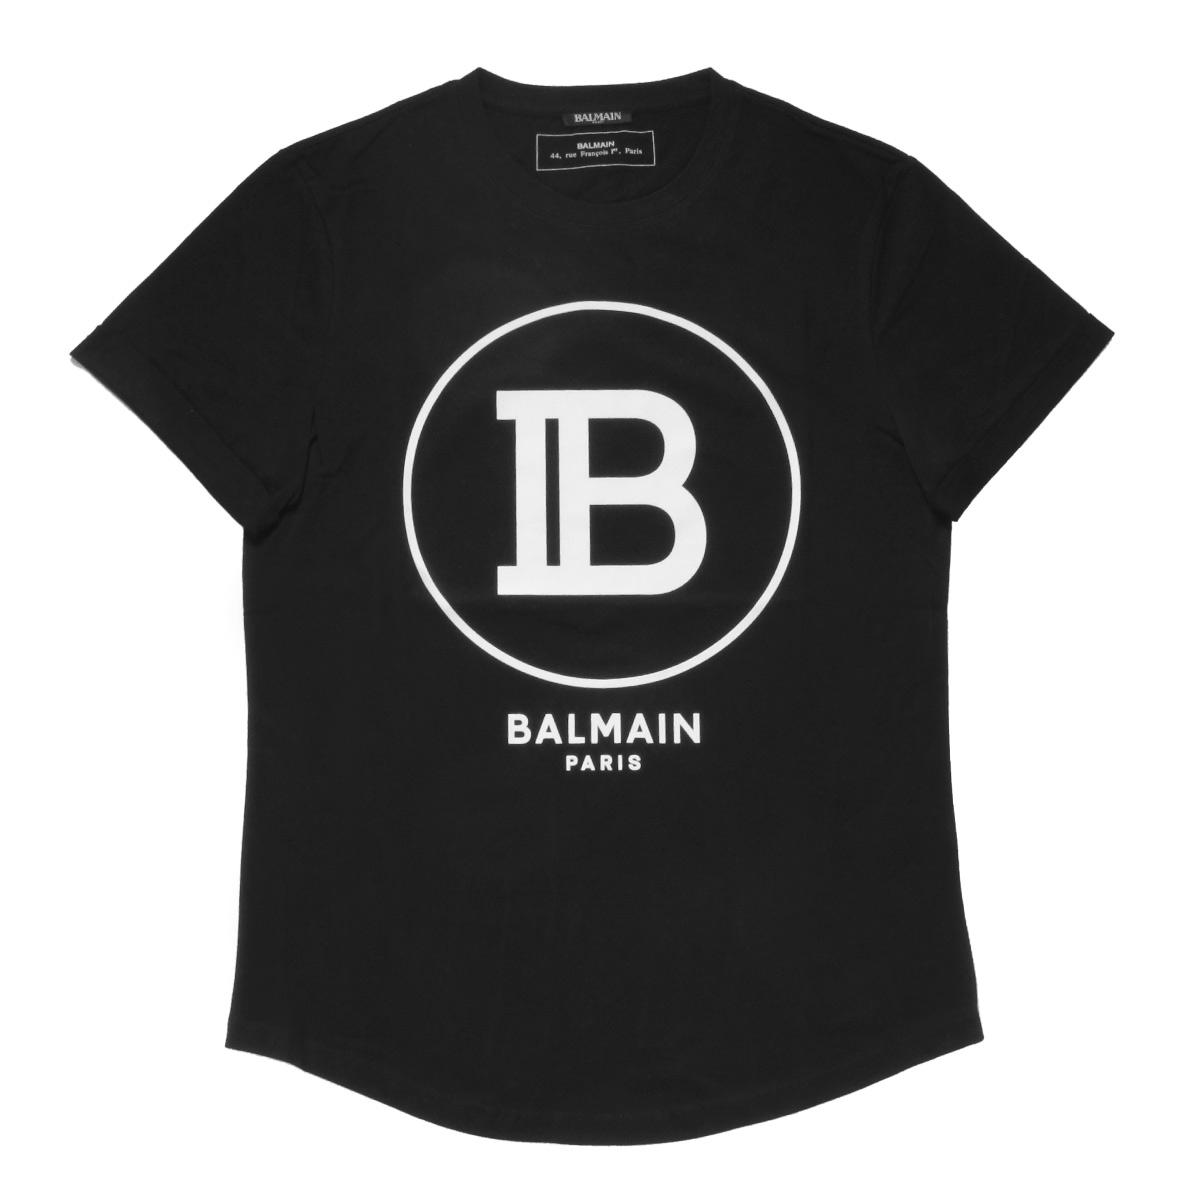 バルマン BALMAIN Tシャツ メンズ SH01135I207 0PA 半袖Tシャツ NOIR ブラック